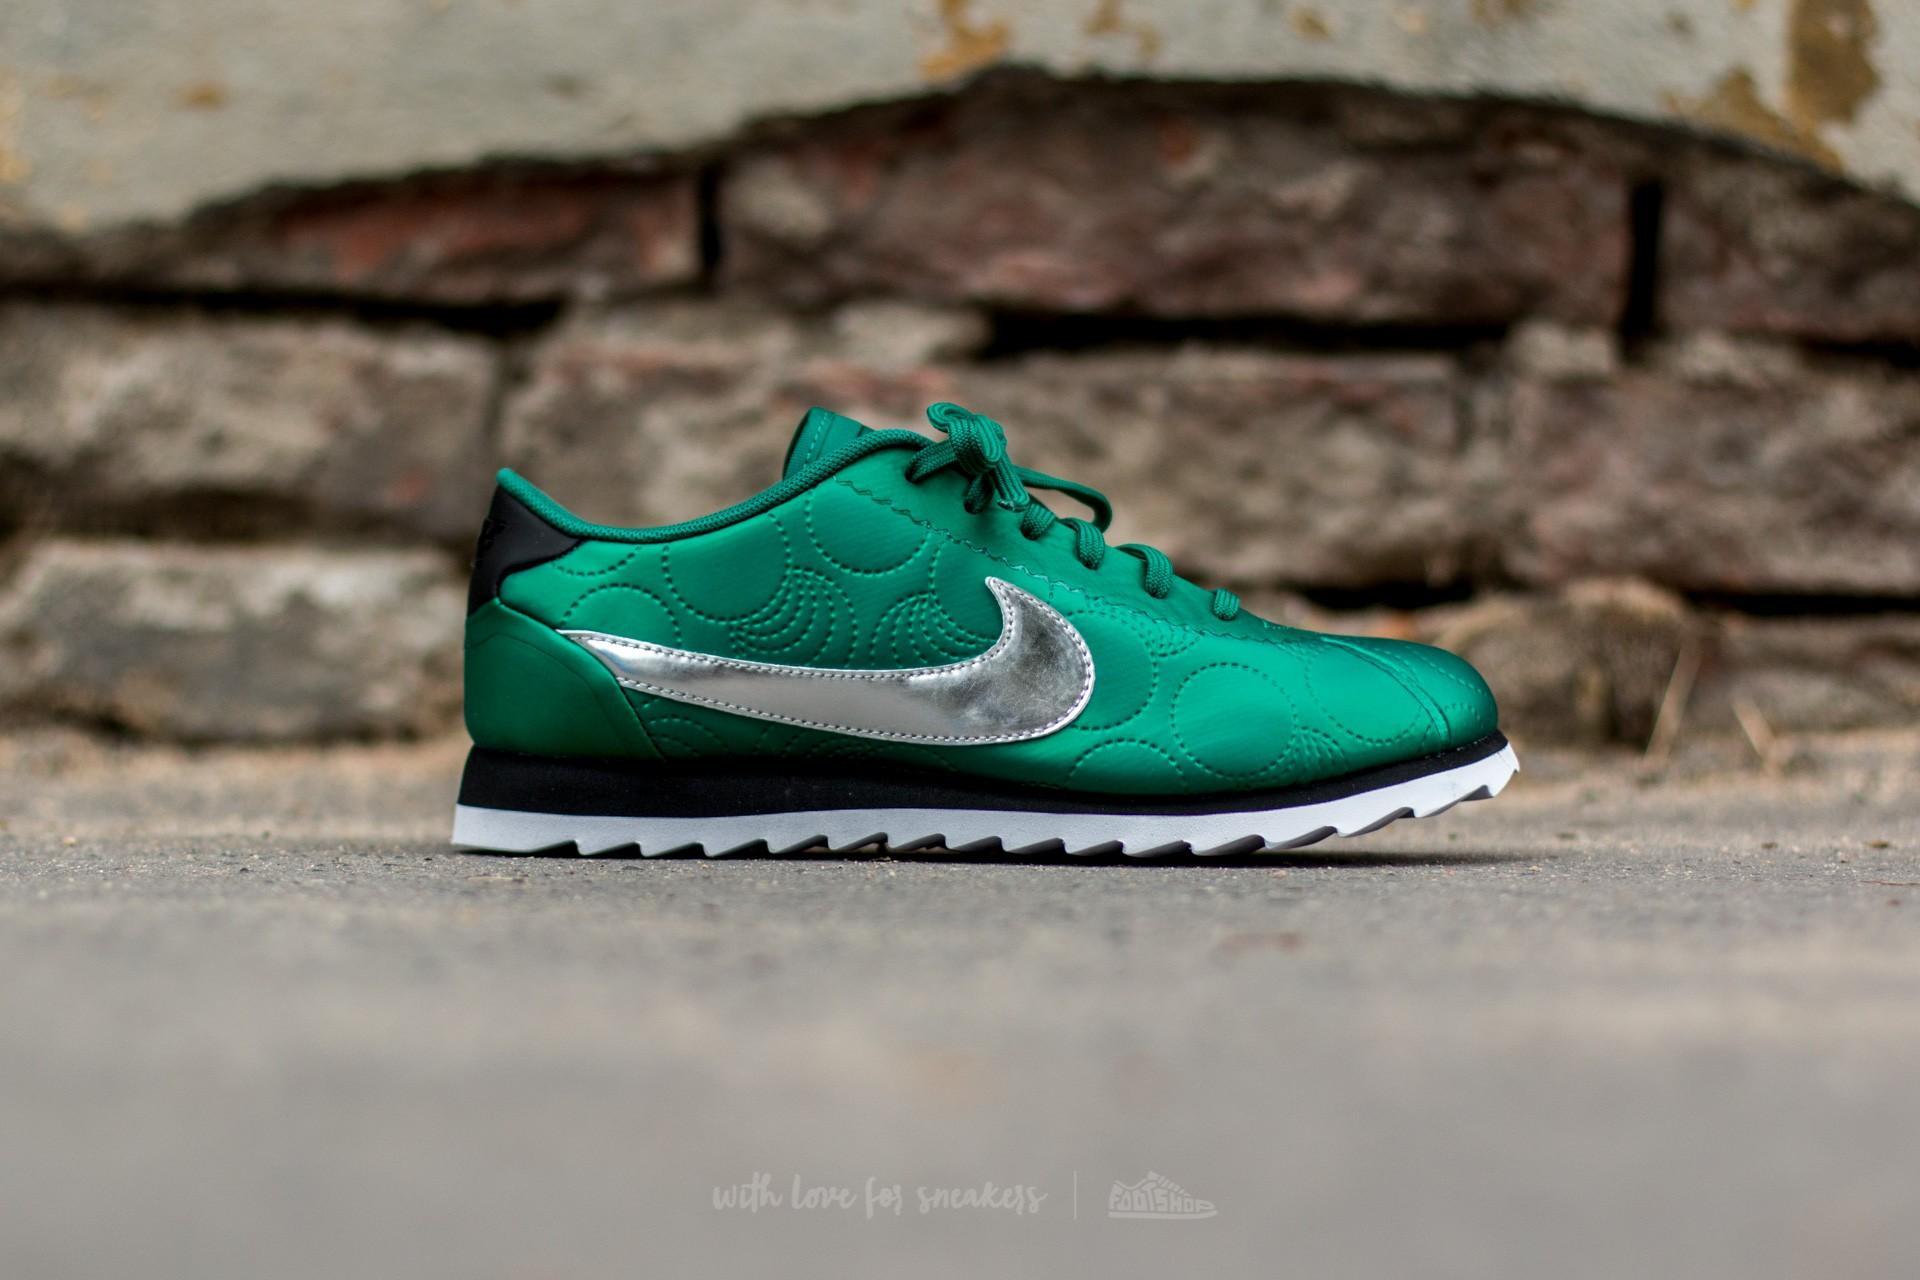 5e8dd7aab6d9 Lyst - Nike W Cortez Ultra Lotc Qs Mystic Green  Black in Green